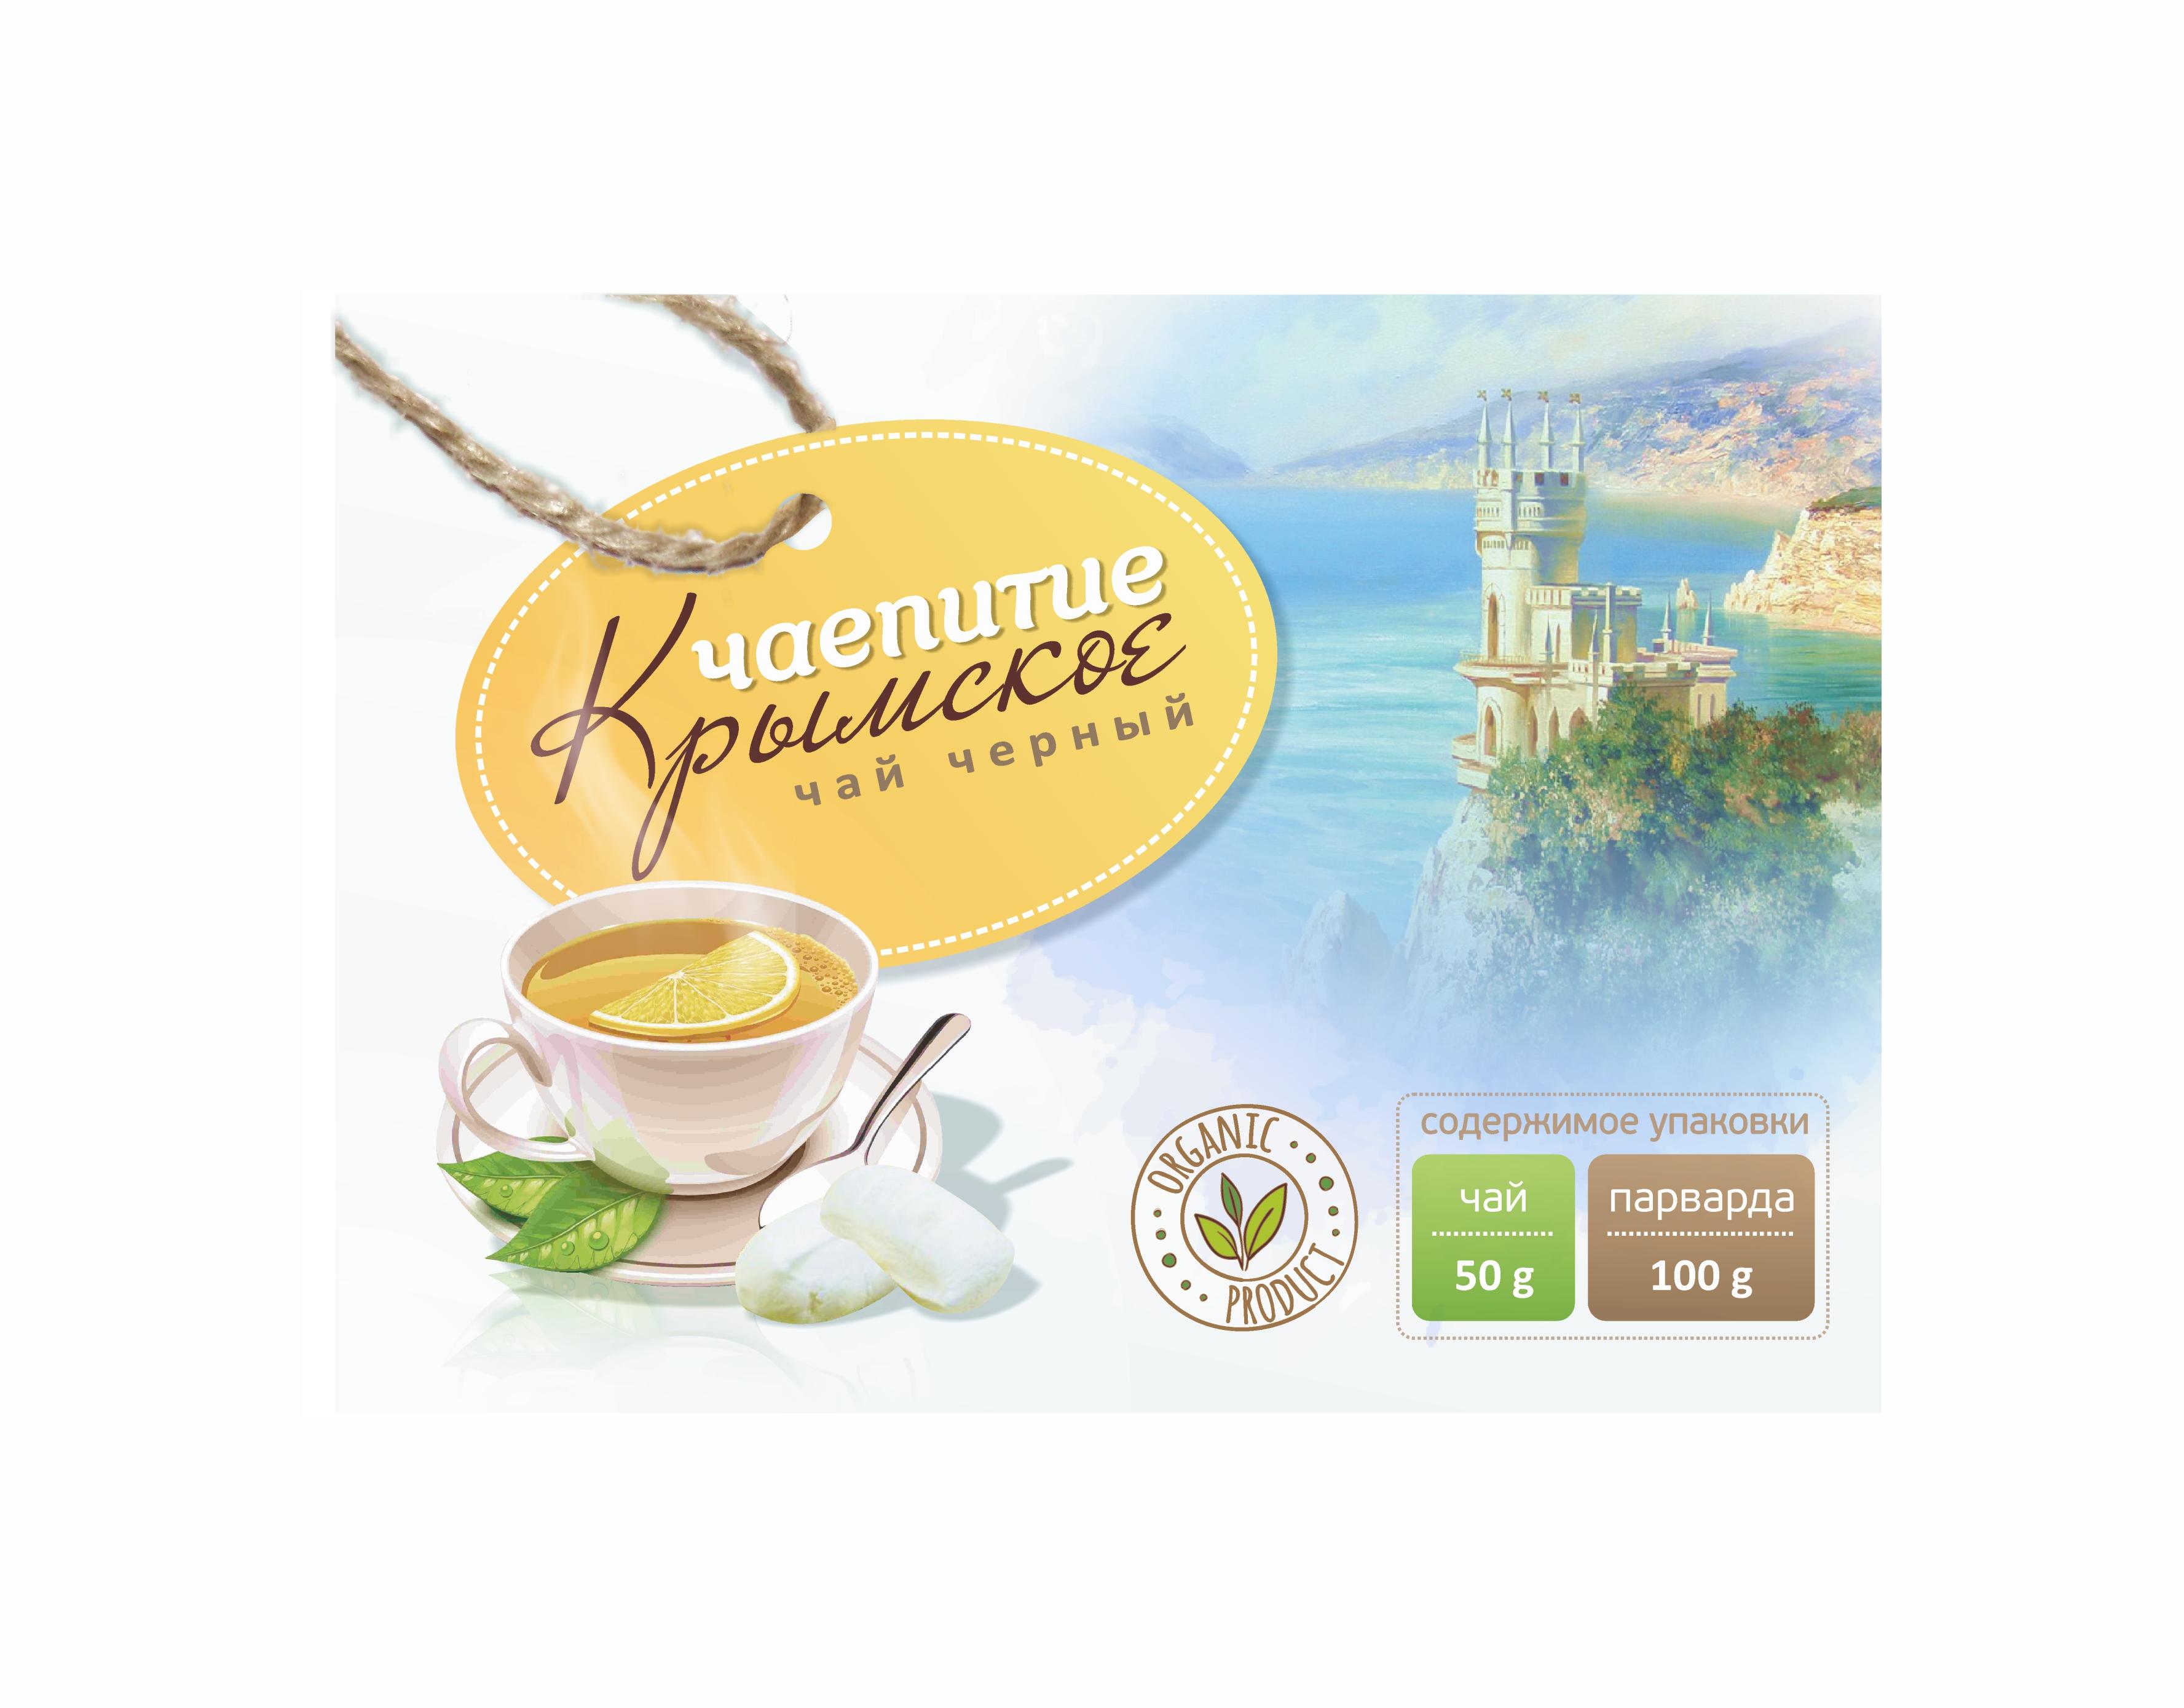 Дизайн коробки сувенирной  чай+парварда (подарочный набор) фото f_8995a53c20f2db38.jpg